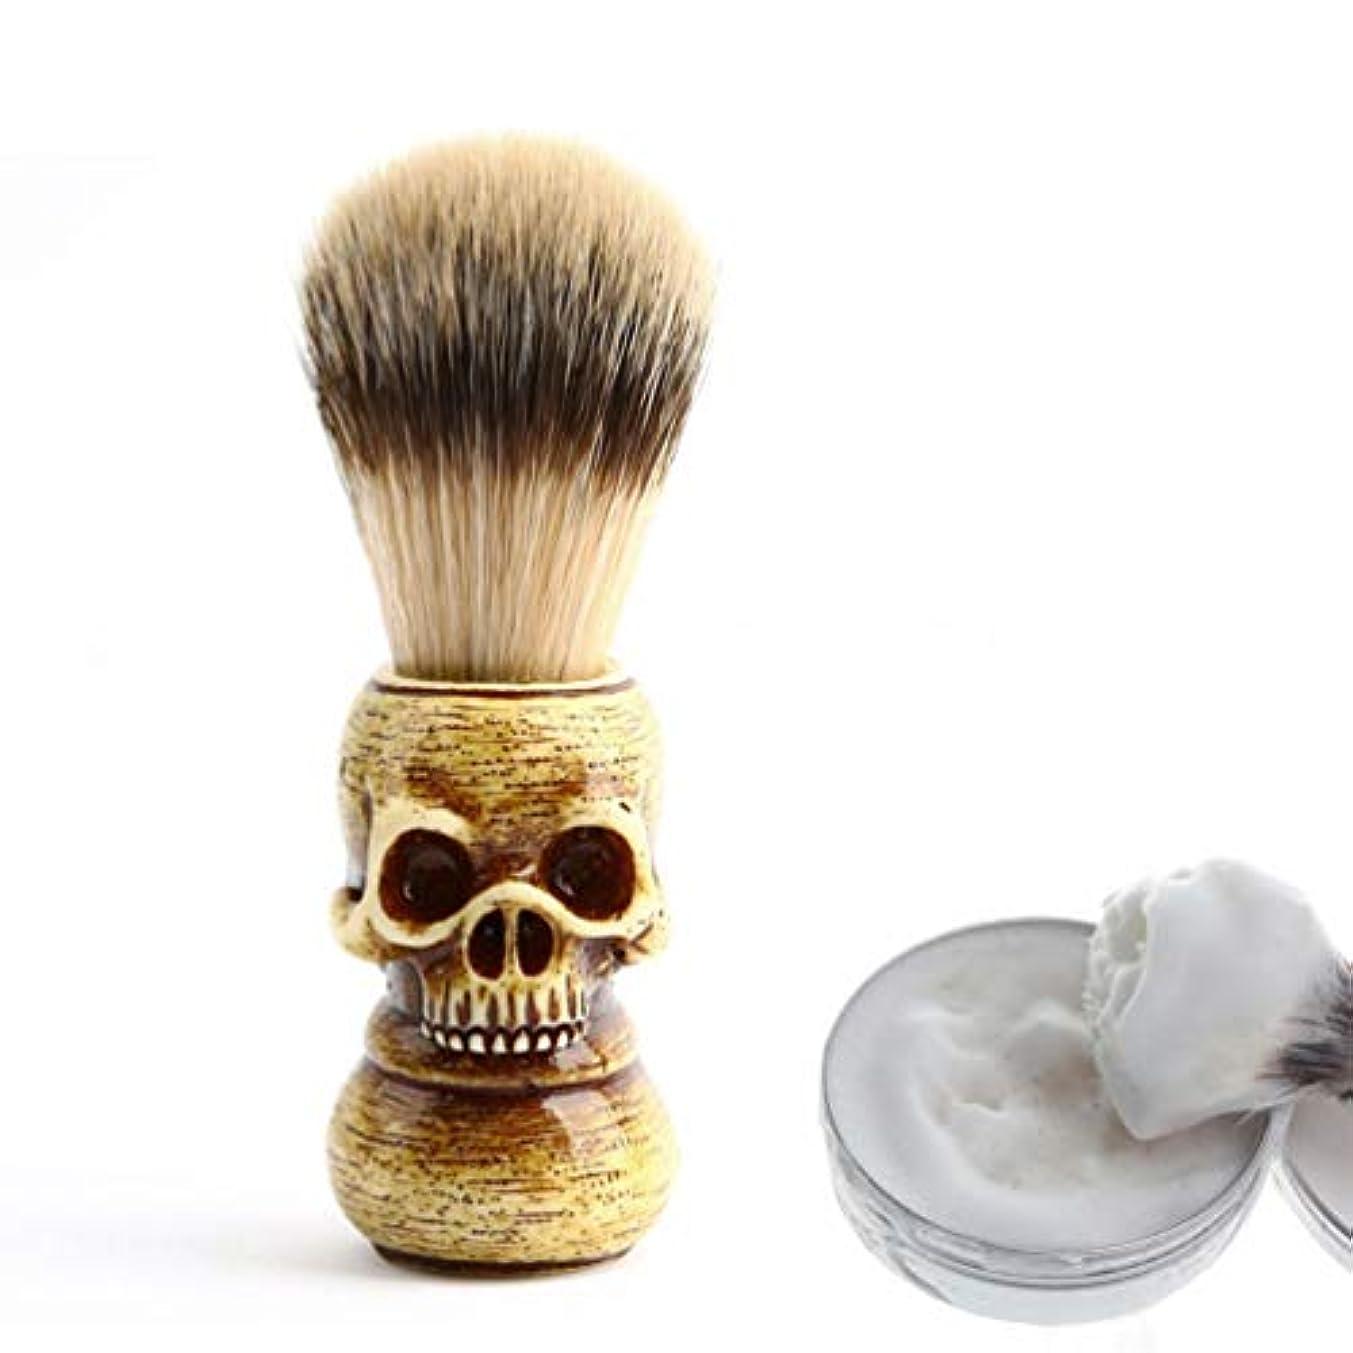 写真集まる冒険Vosarea 1ピーススカルヘッドひげブラシポータブルメンズ軽量アナグマヘアブラシ口ひげ毛剃りブラシグルーミングツール